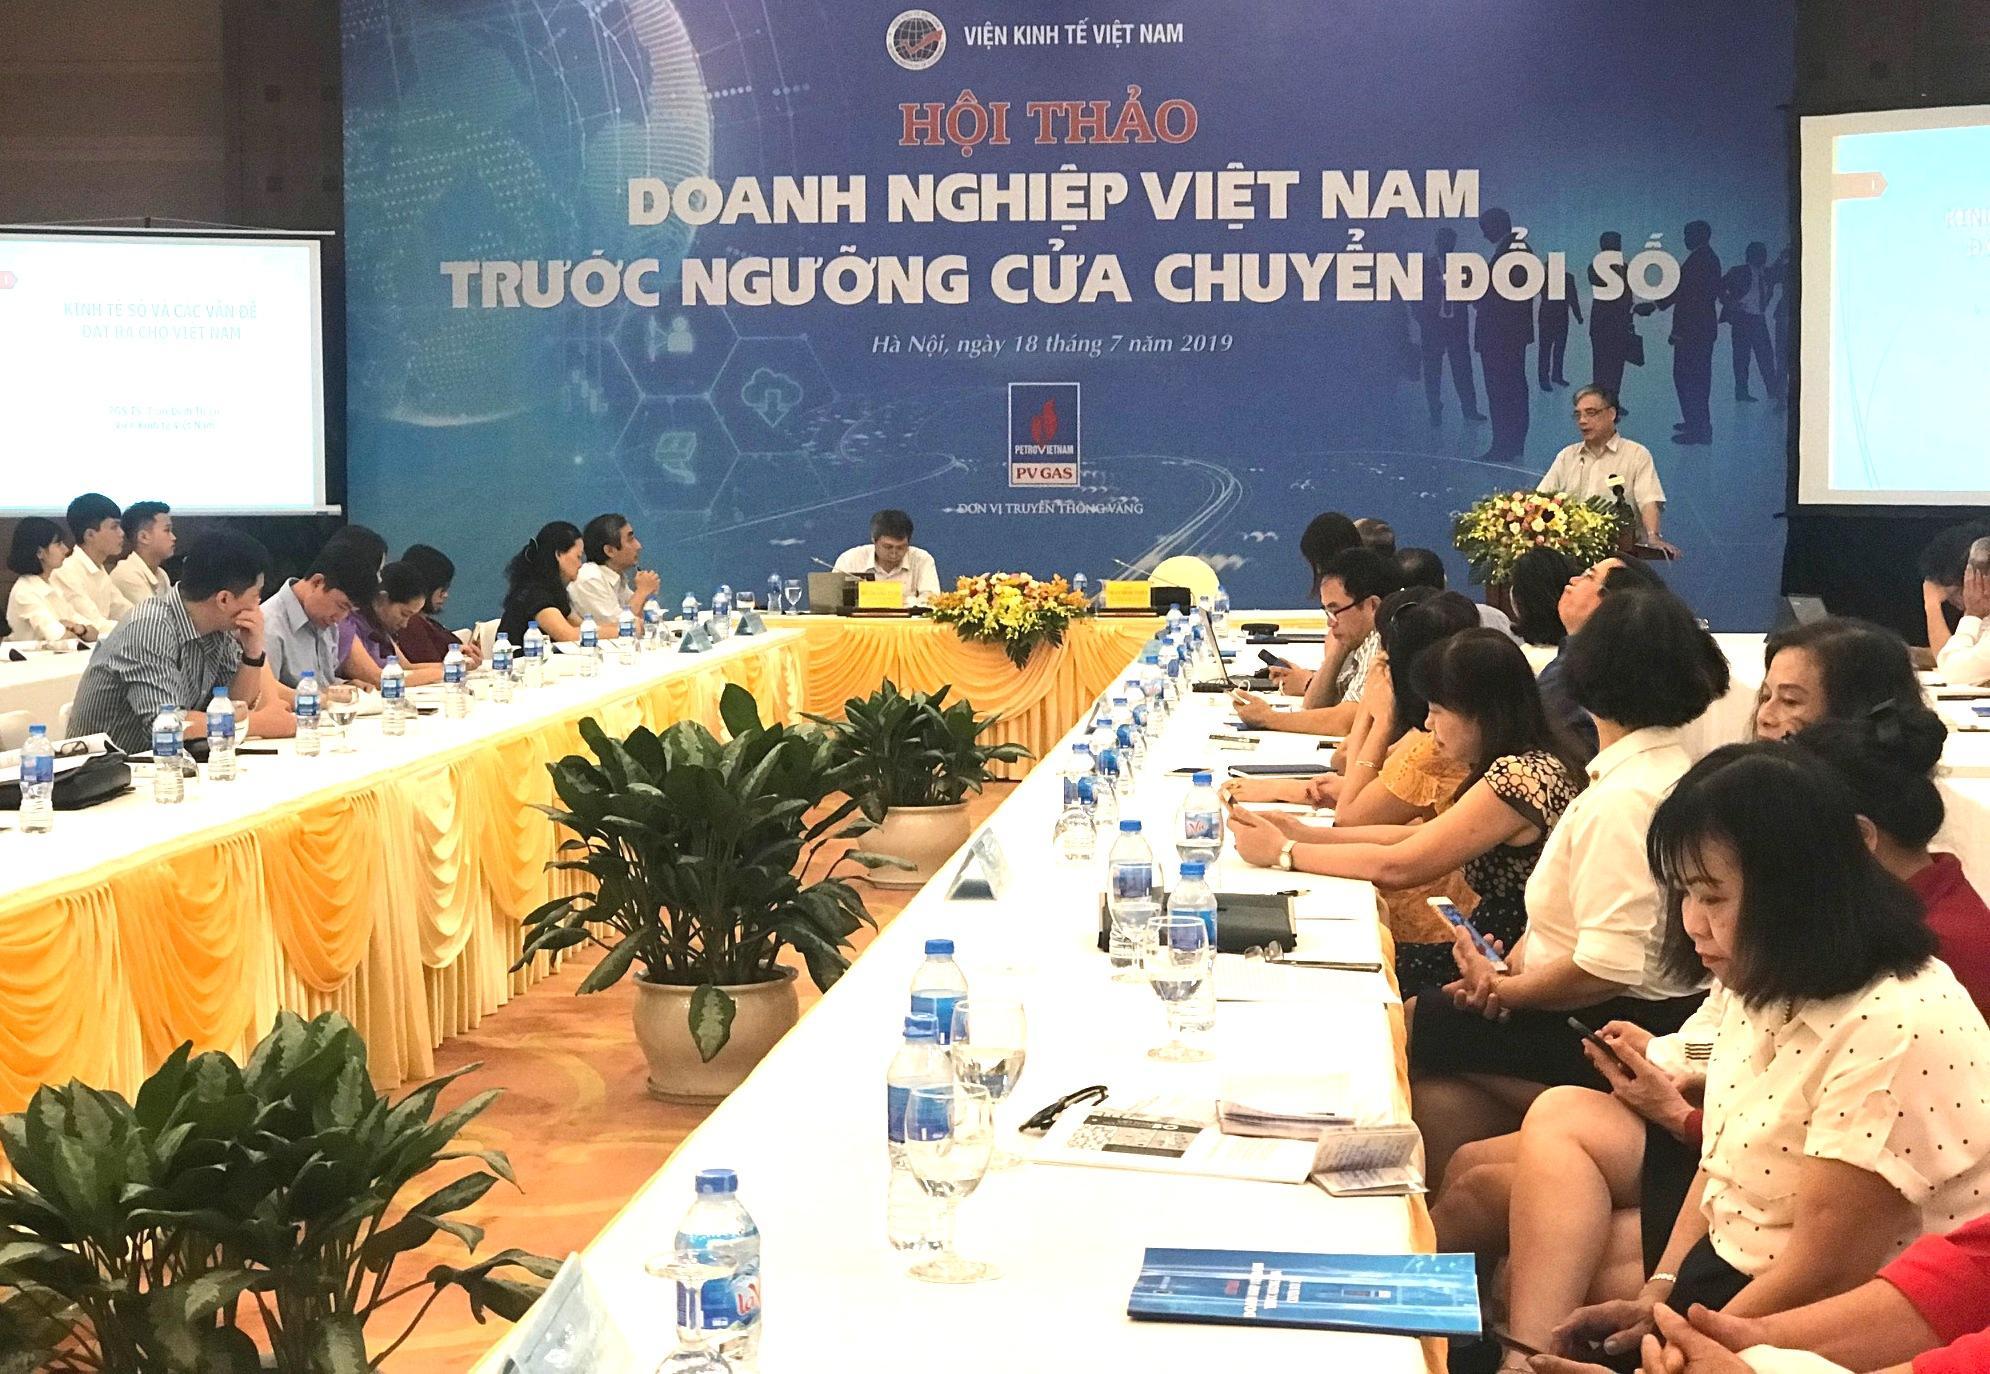 Doanh nghiệp Việt Nam trước ngưỡng cửa chuyển đổi số Ảnh 1